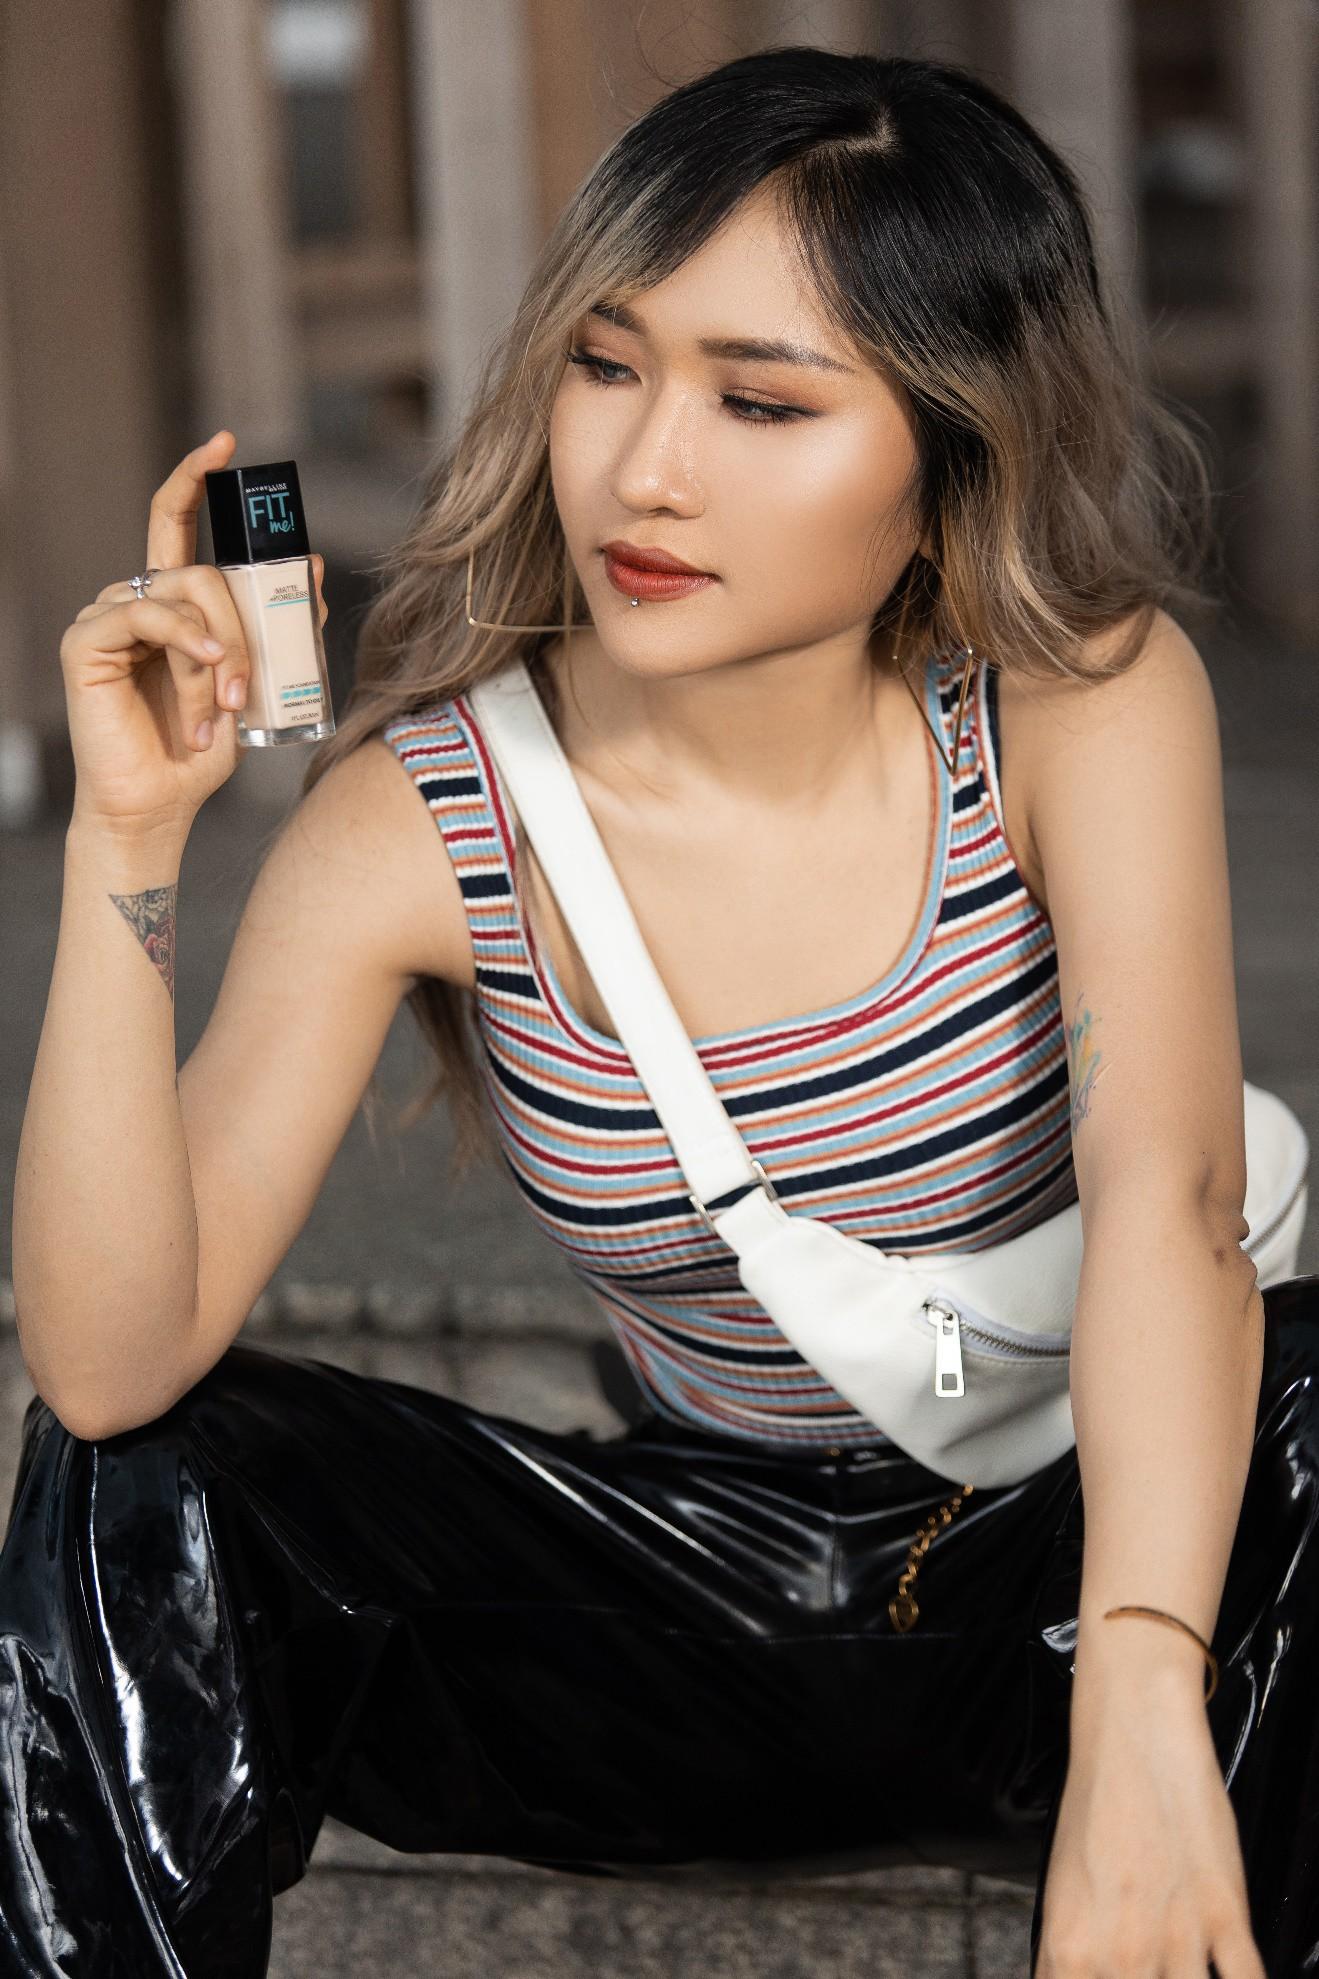 Đọ thần thái cool ngầu, Jun Phạm, Hana Giang Anh, Uyên Pu, Thảo Trang và Con Thỏ khiến fan thích thú trong video mới - Ảnh 10.